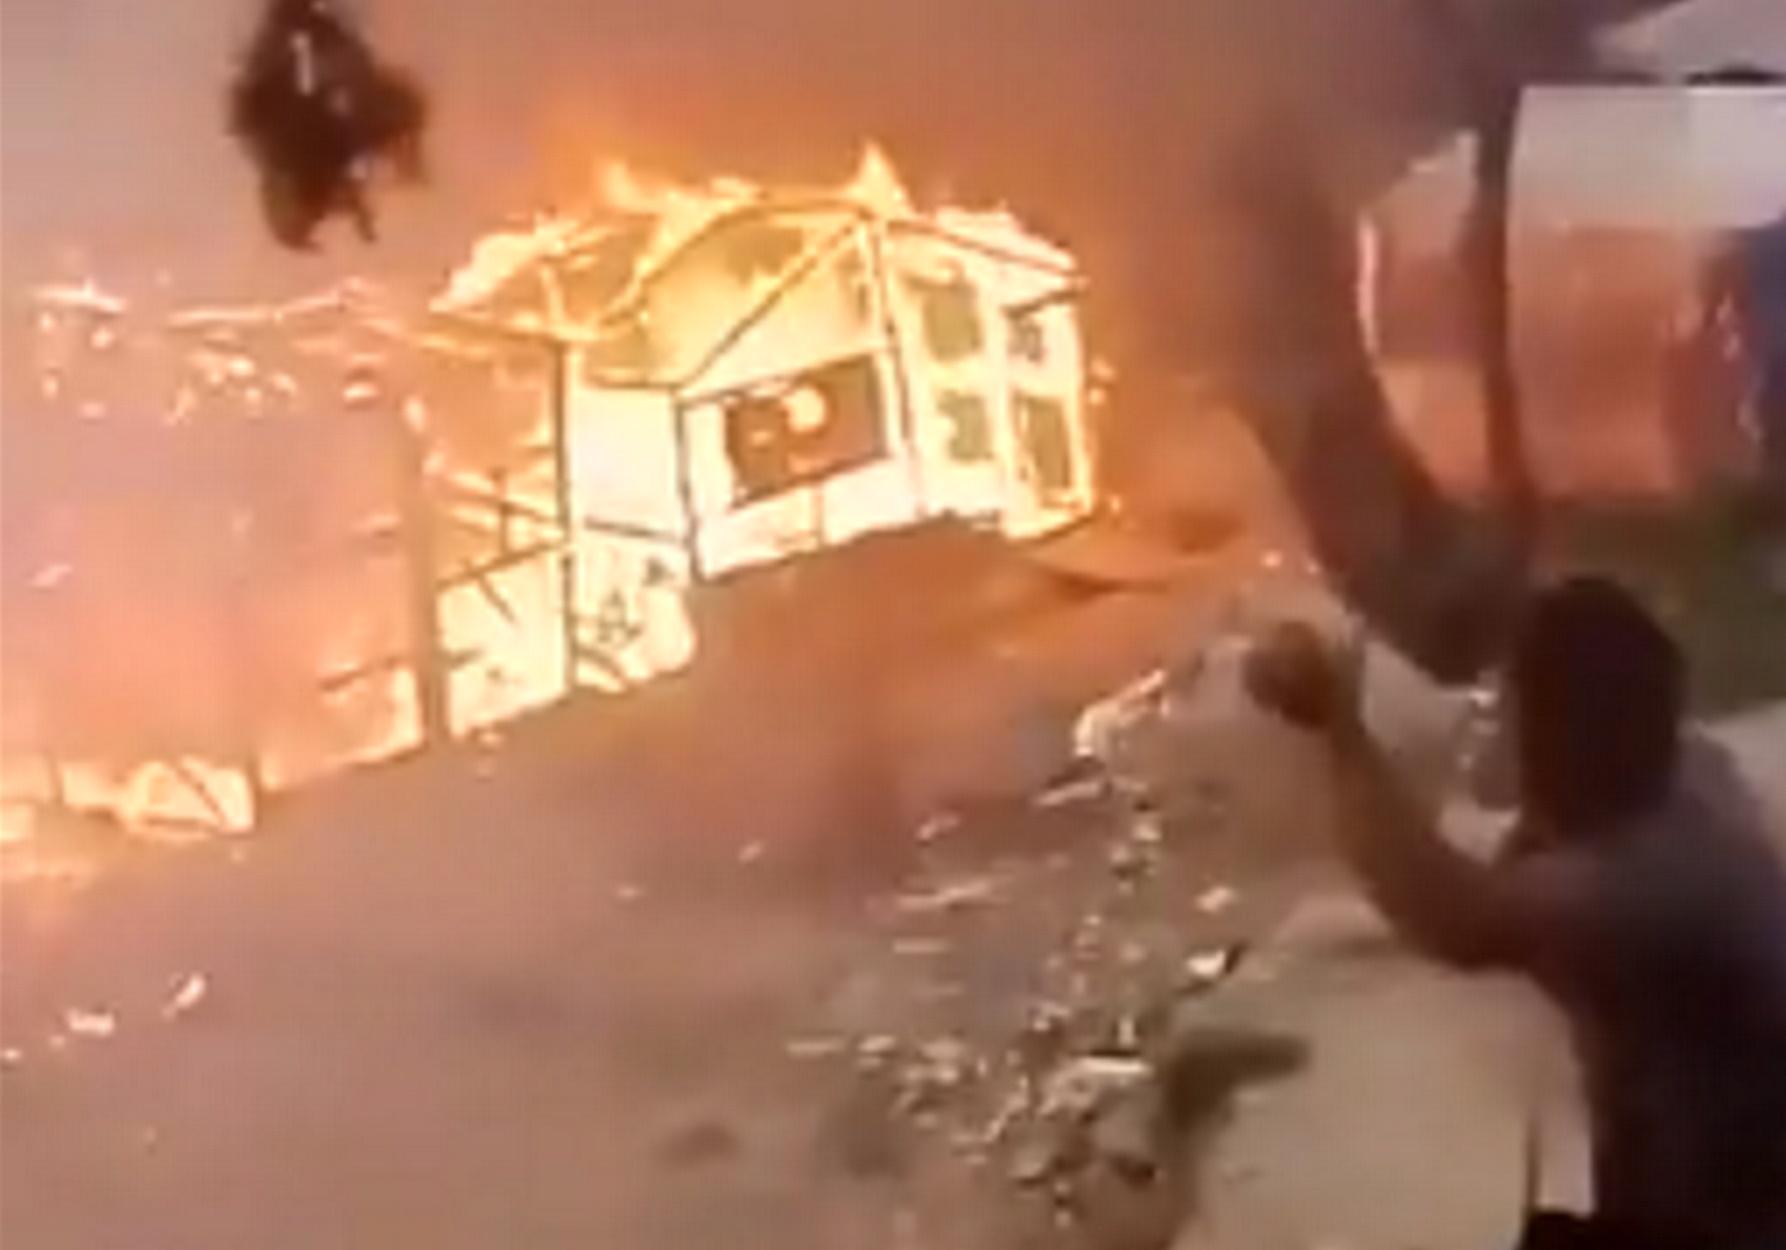 Σάμος: Συλλήψεις για τη φωτιά κοντά στον καταυλισμό! Οργάνωσαν με μηνύματα την καταστροφή